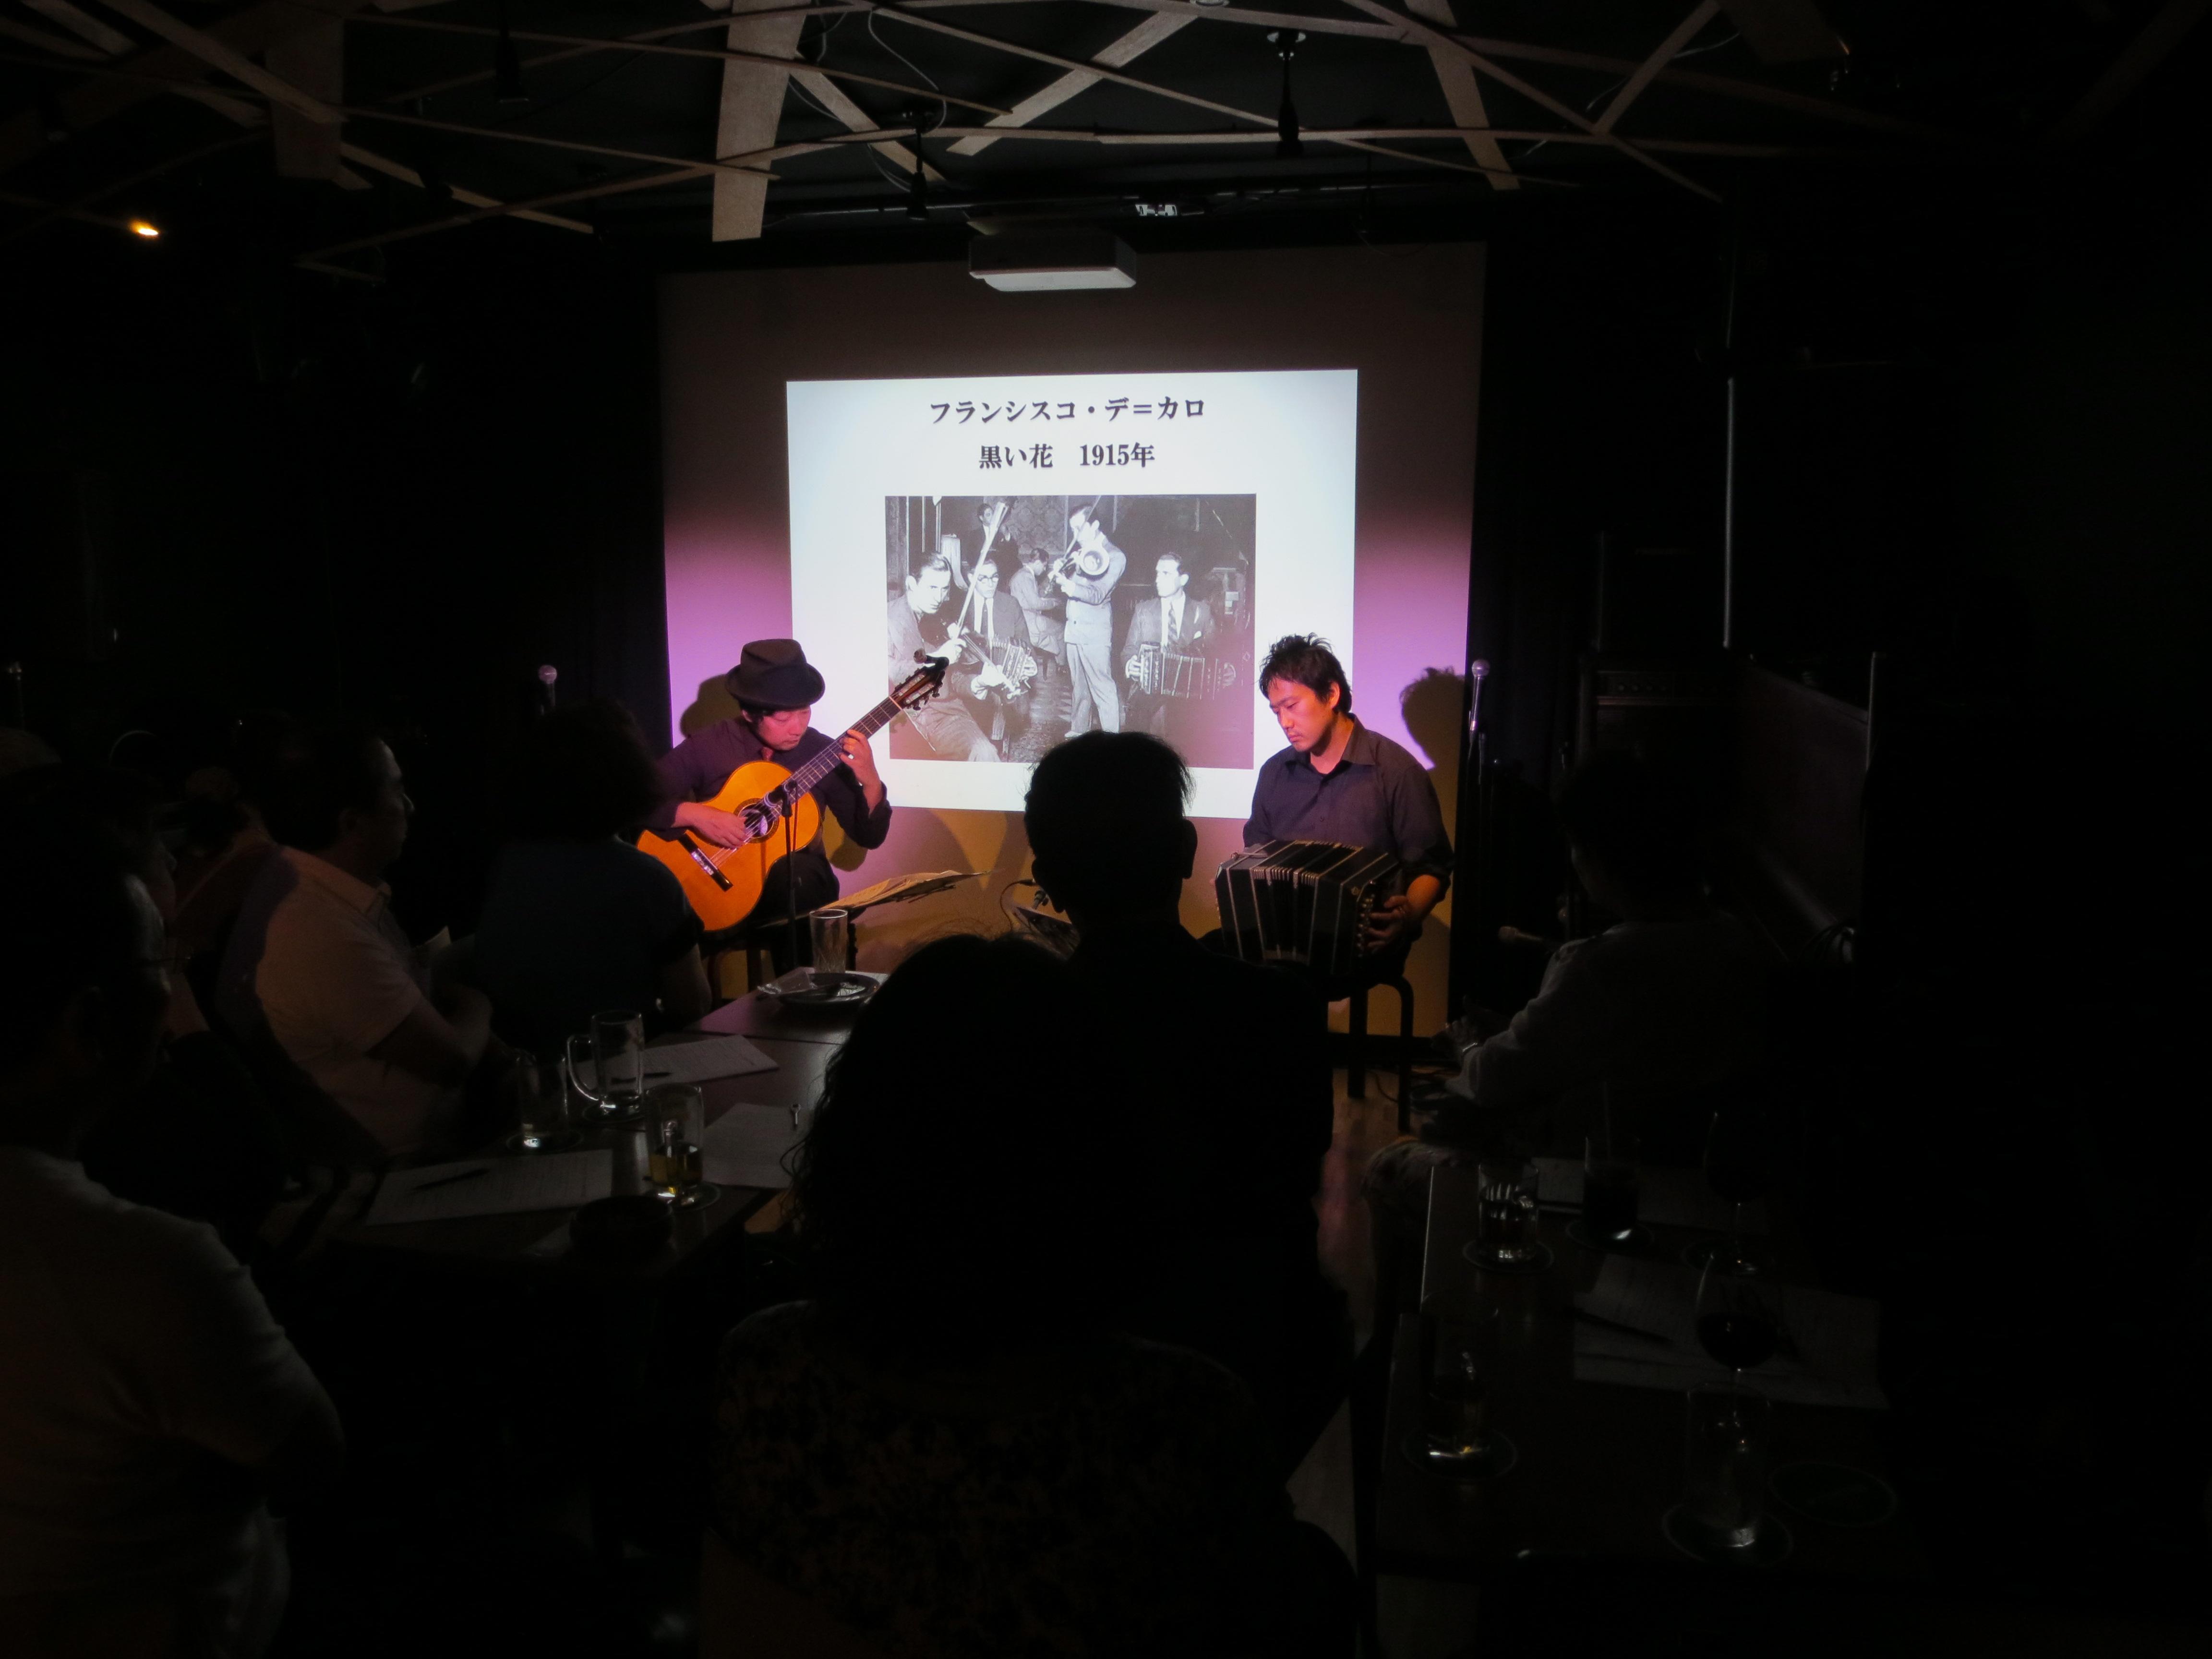 レクチャーコンサート バンドネオン&ギター タンゴの歴史